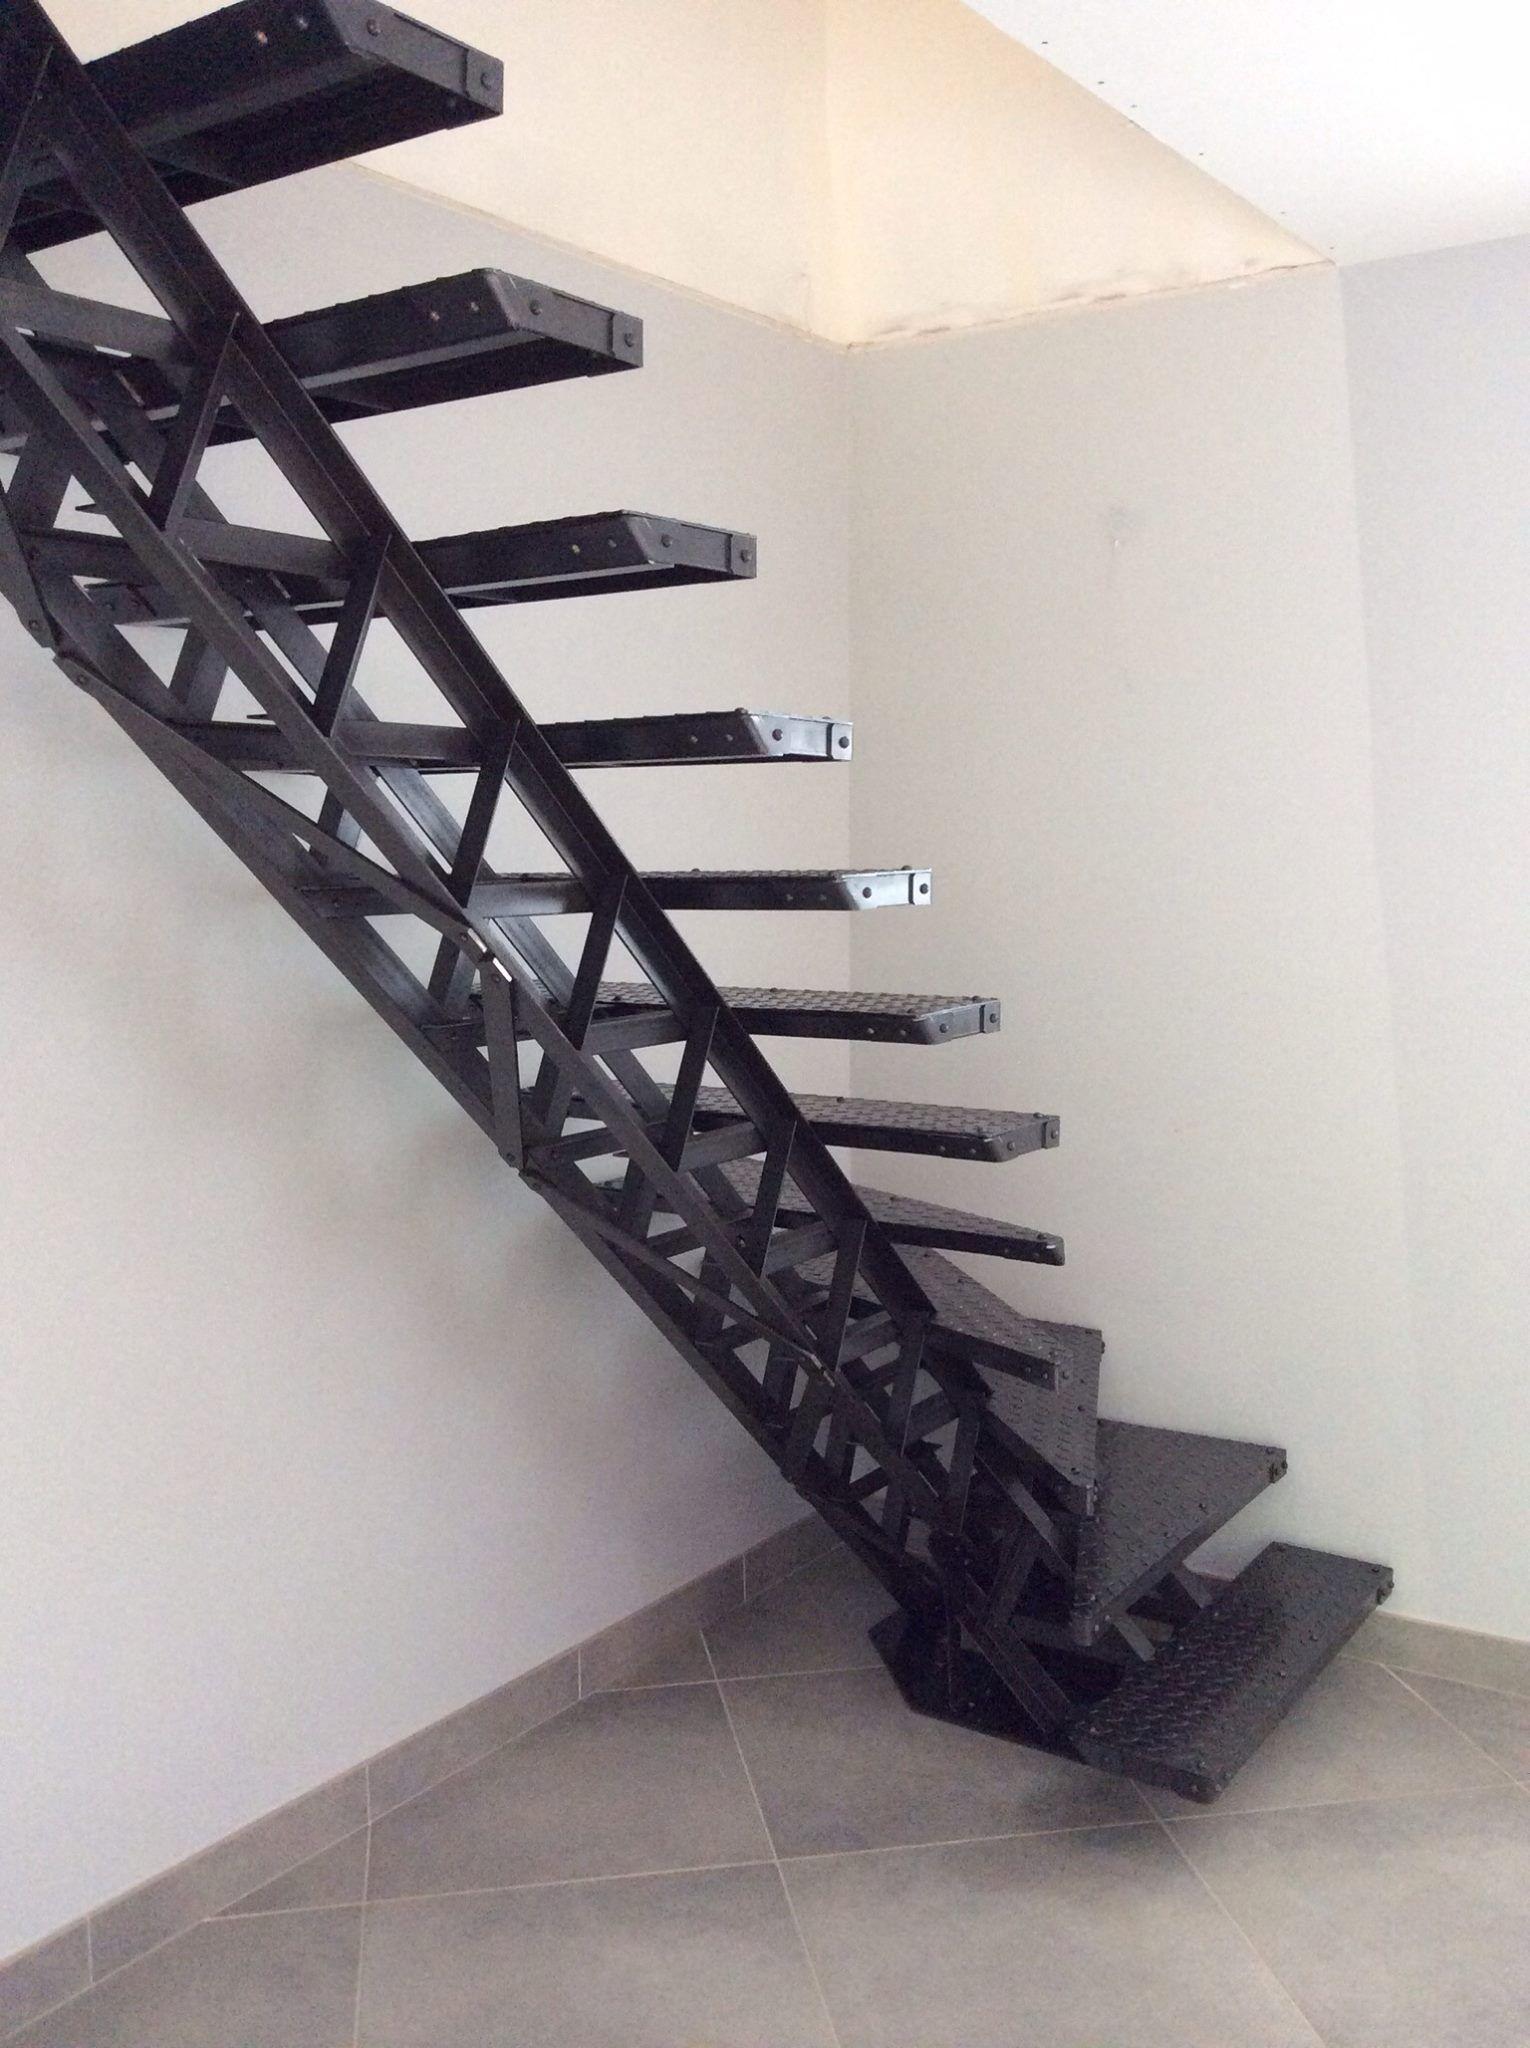 Escalier type eiffel en acier avec limon central - Escalier debillarde ...